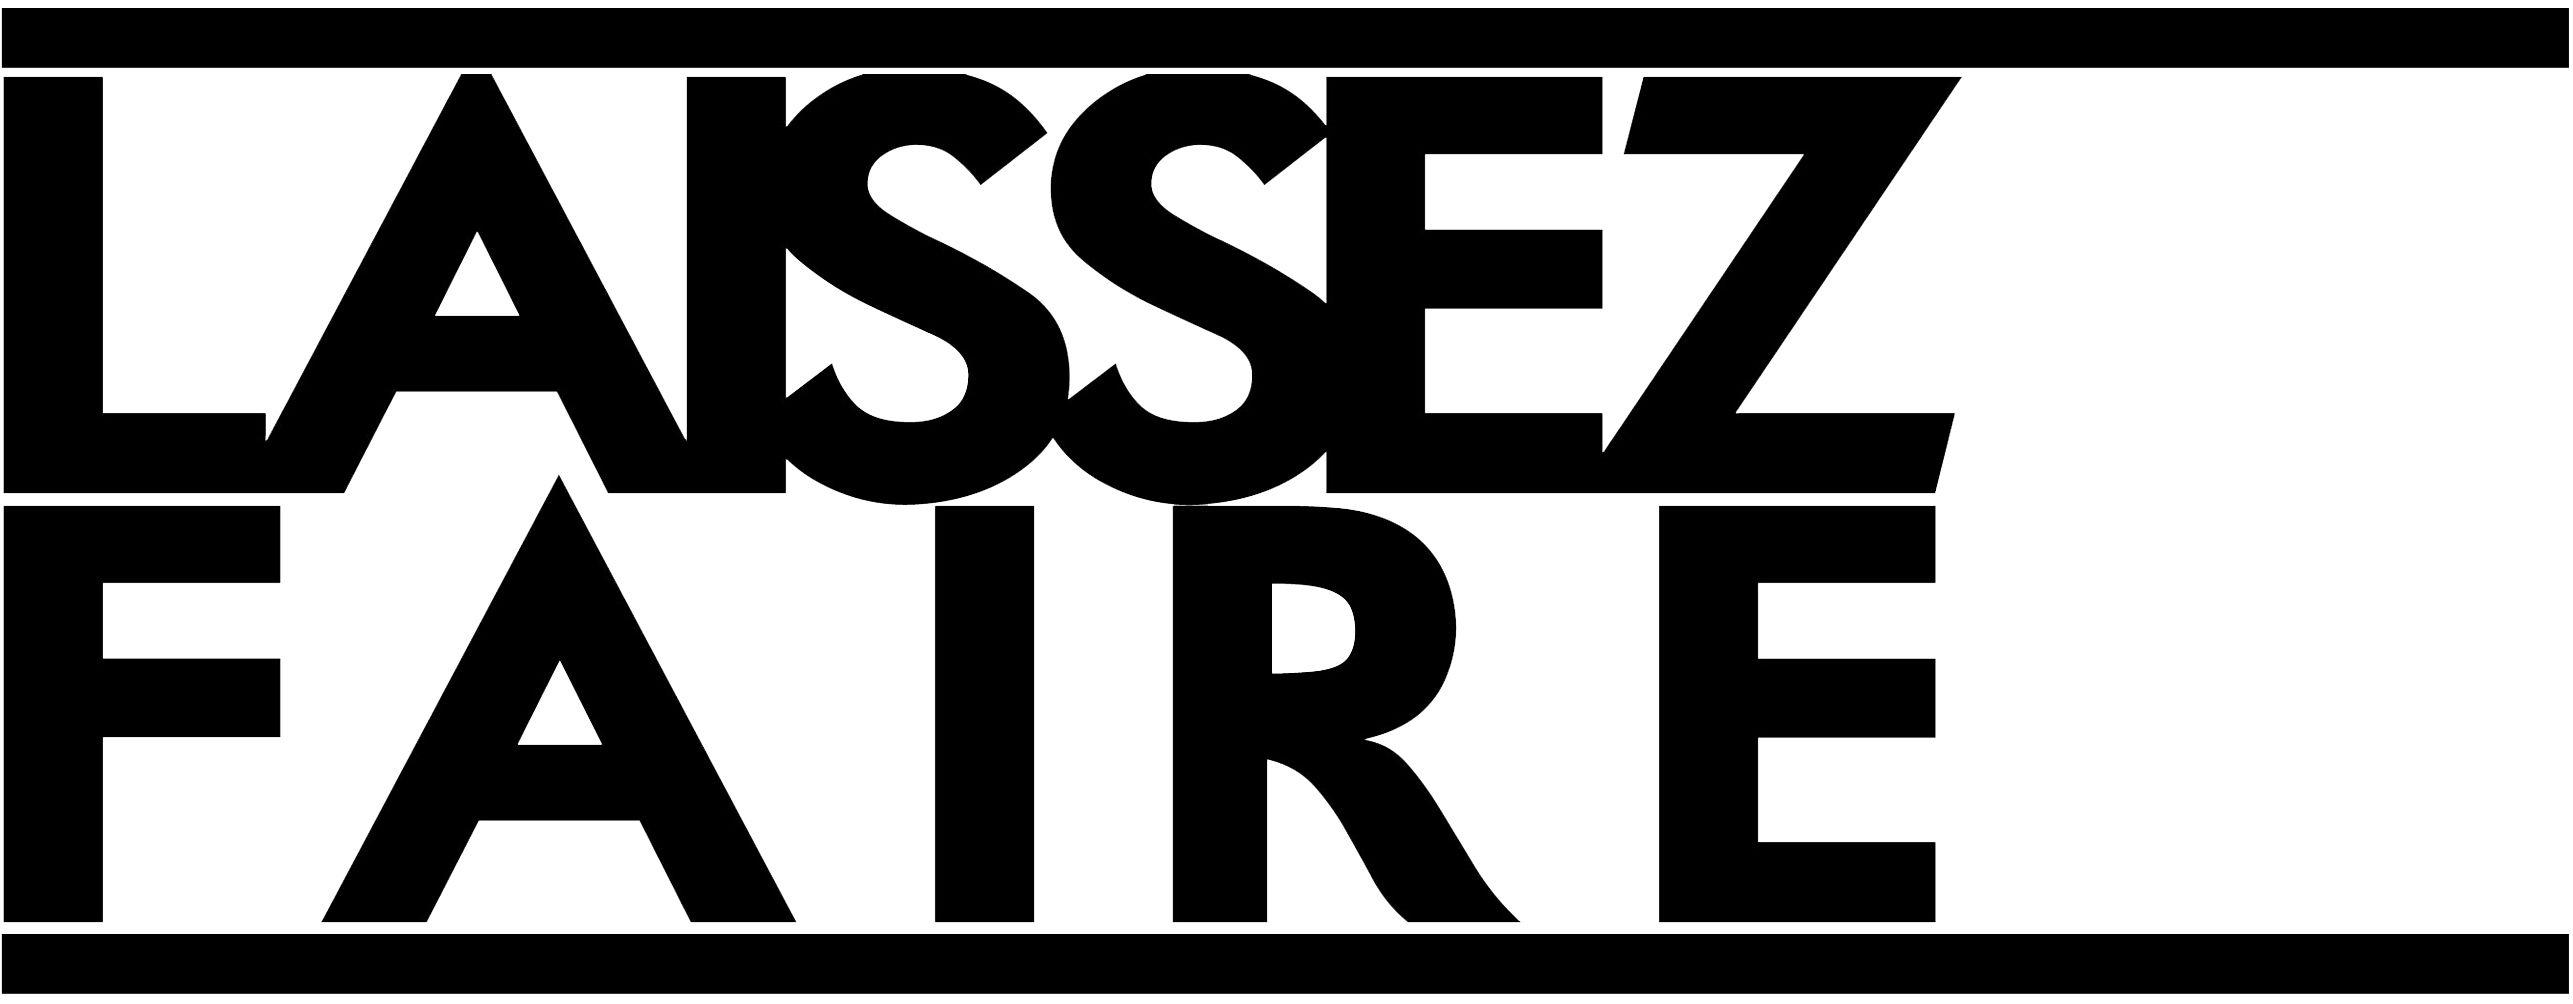 Laissez-Faire – Economics & Entrepreneurs